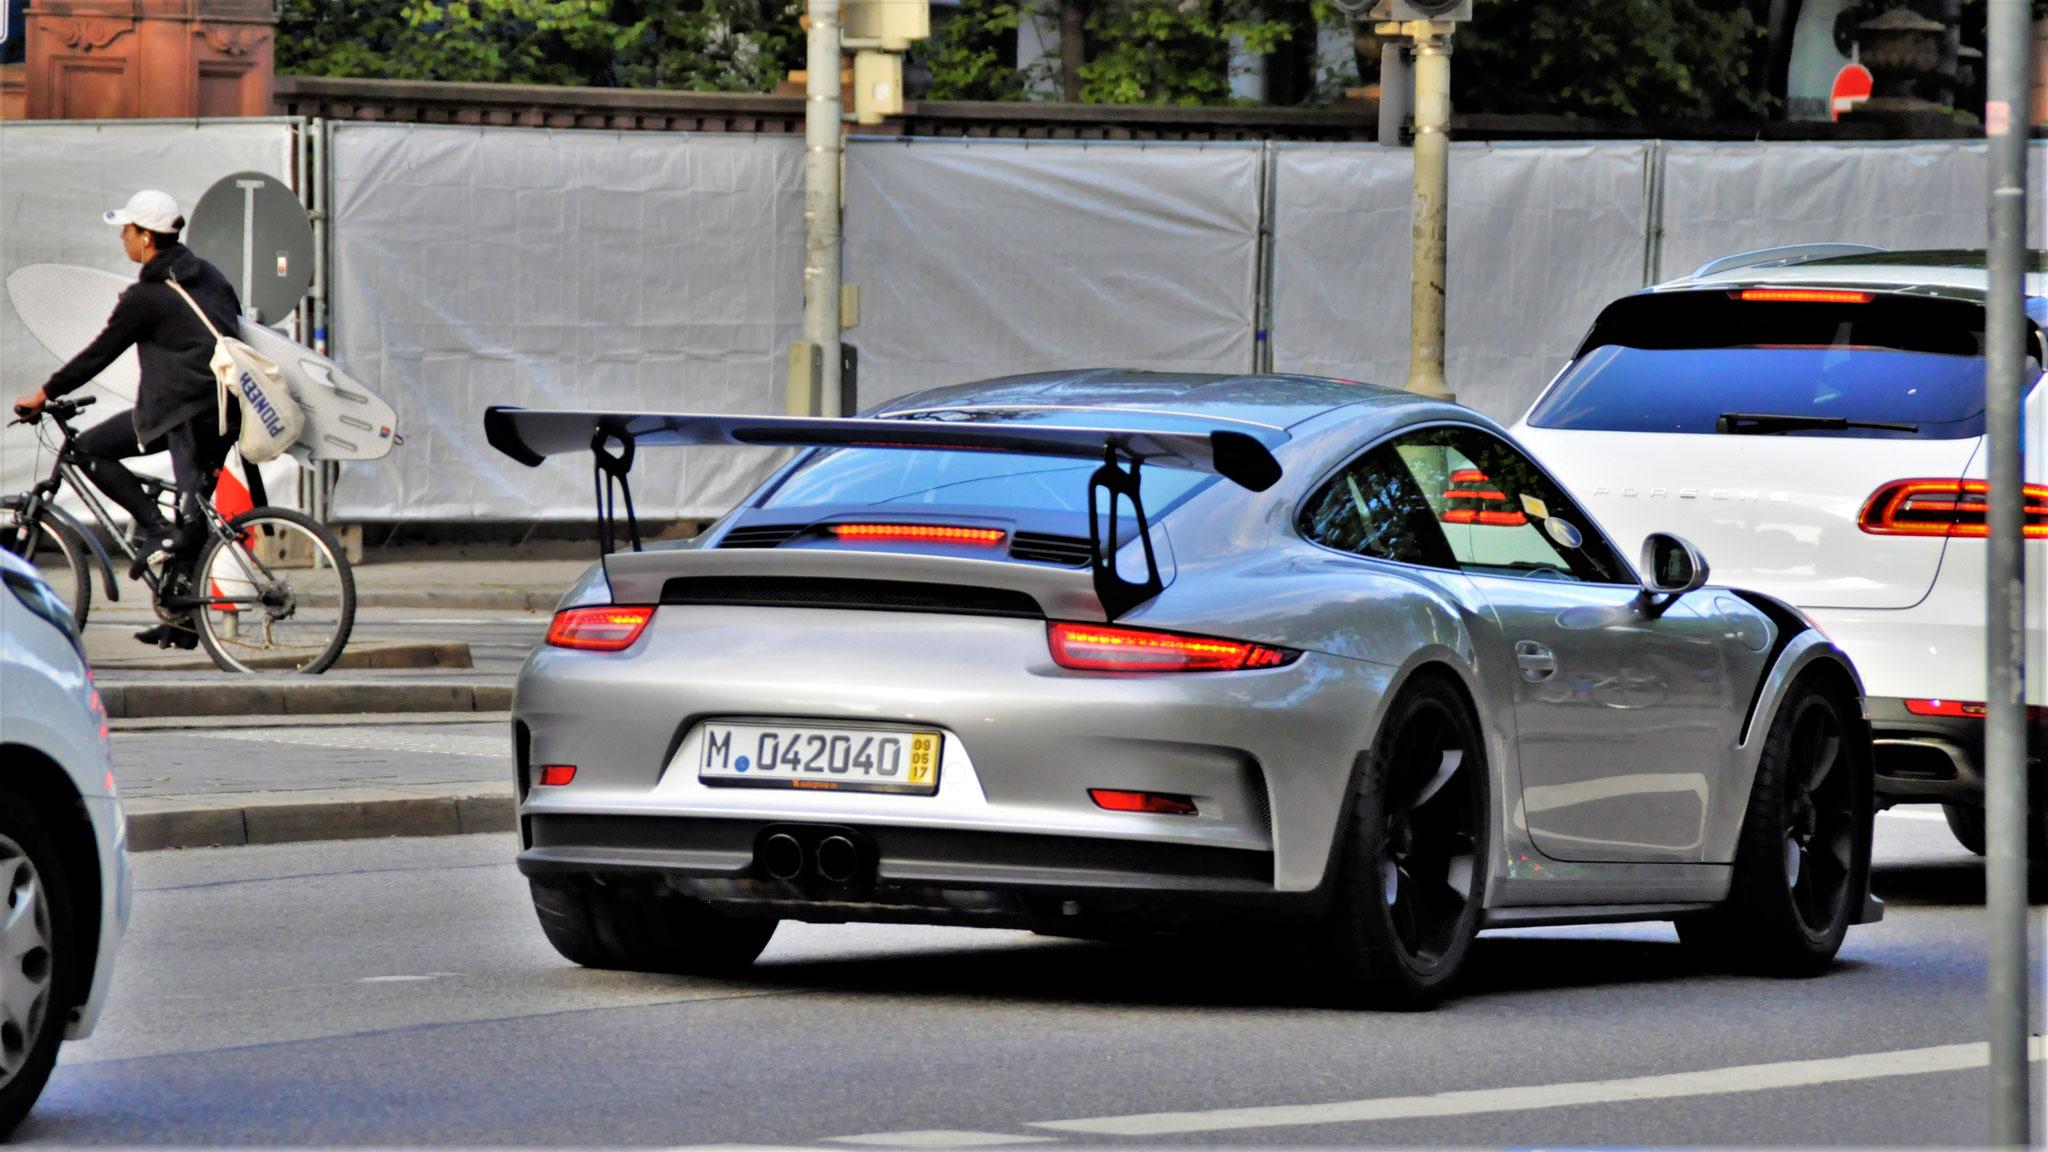 Porsche 911 GT3 RS - M-042040